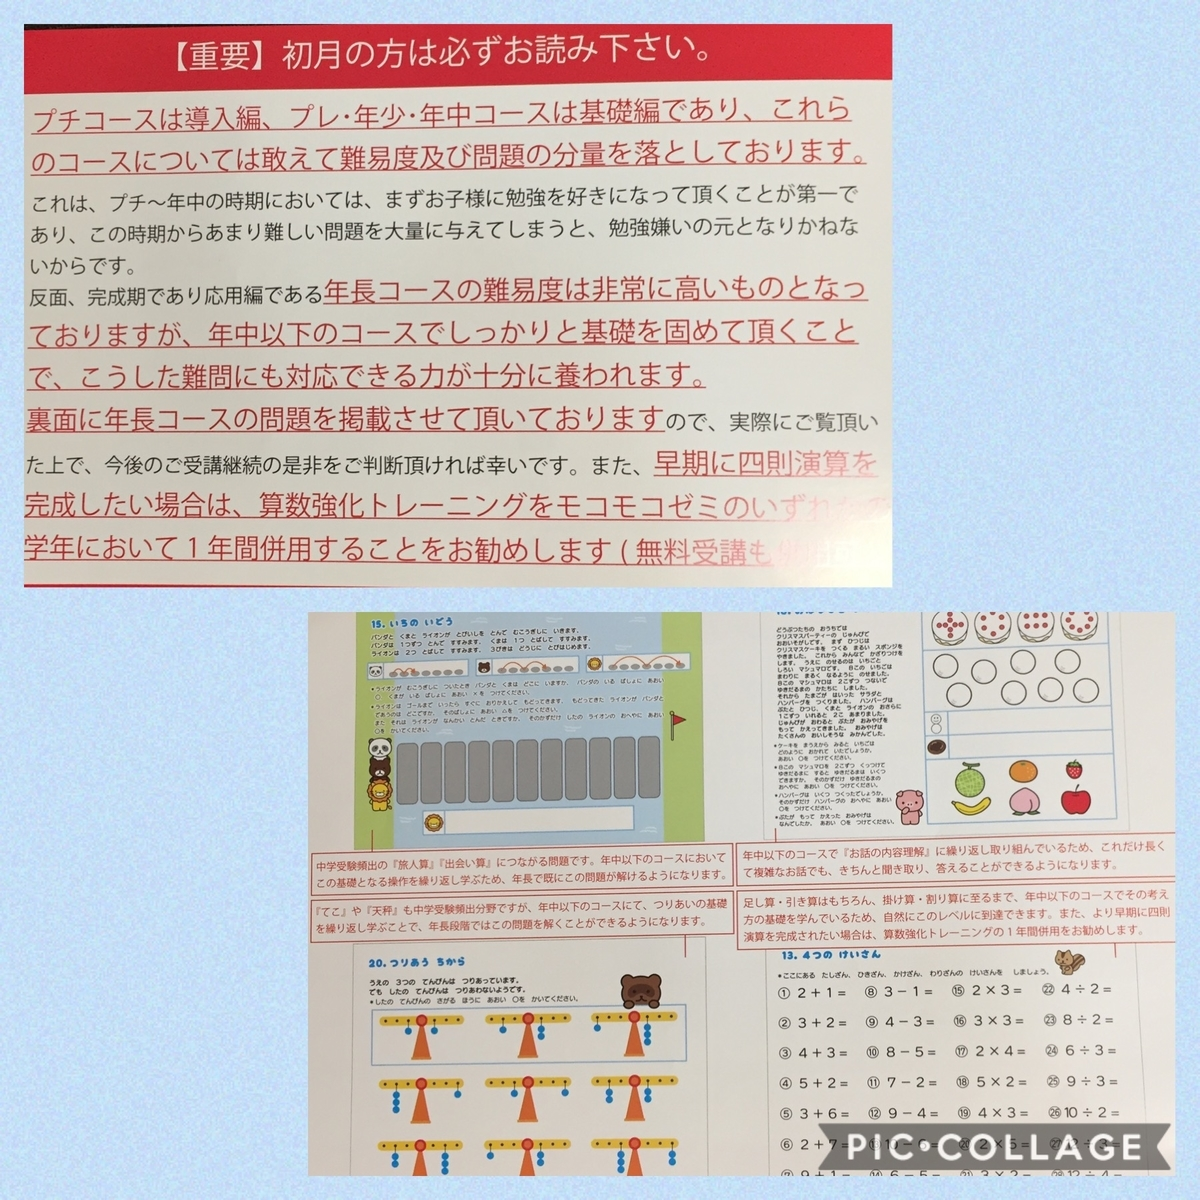 f:id:kateijyuku:20200402004321j:plain